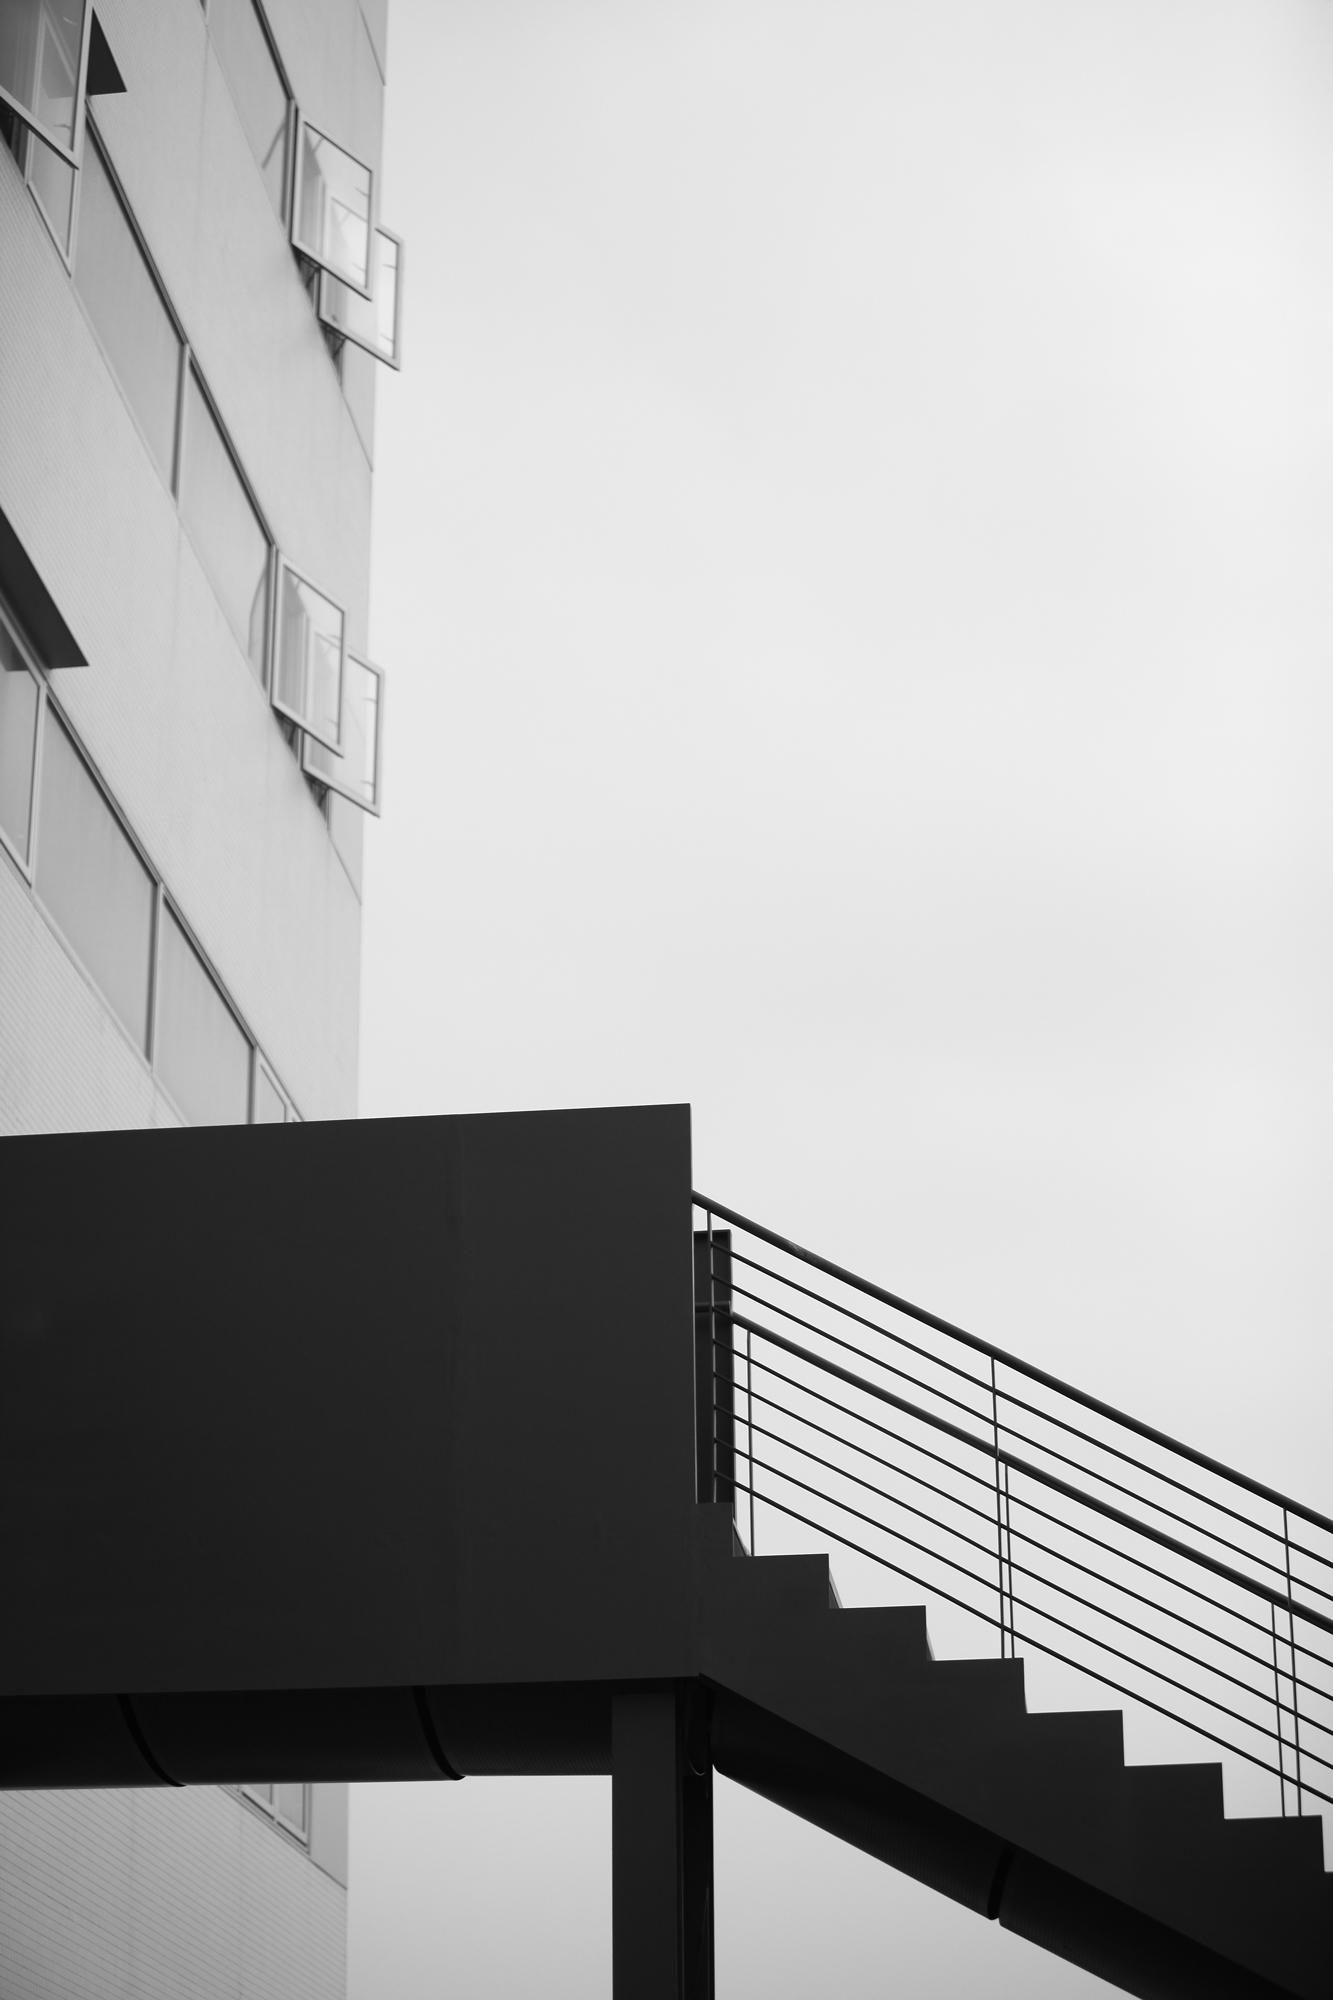 竹北惠友遠見大樓樓梯外觀